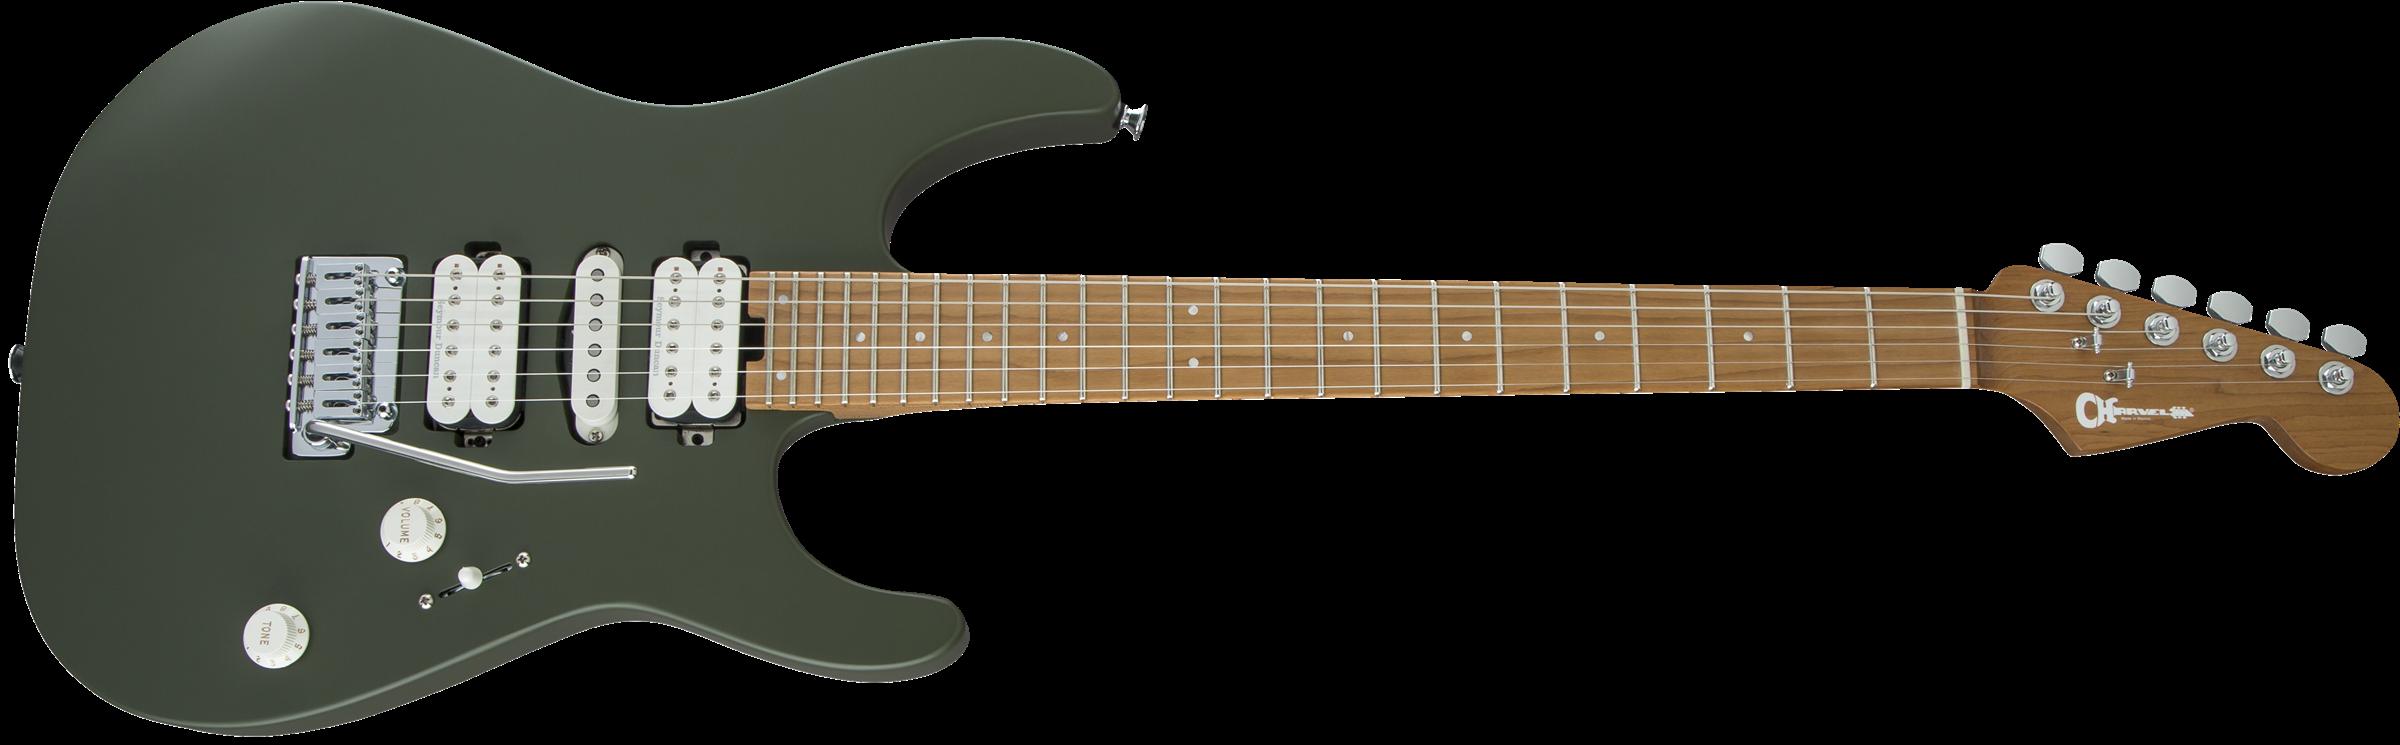 Pro-Mod DK24 HSH 2PT CM | Pro-Mod DK24 | Charvel® Guitars